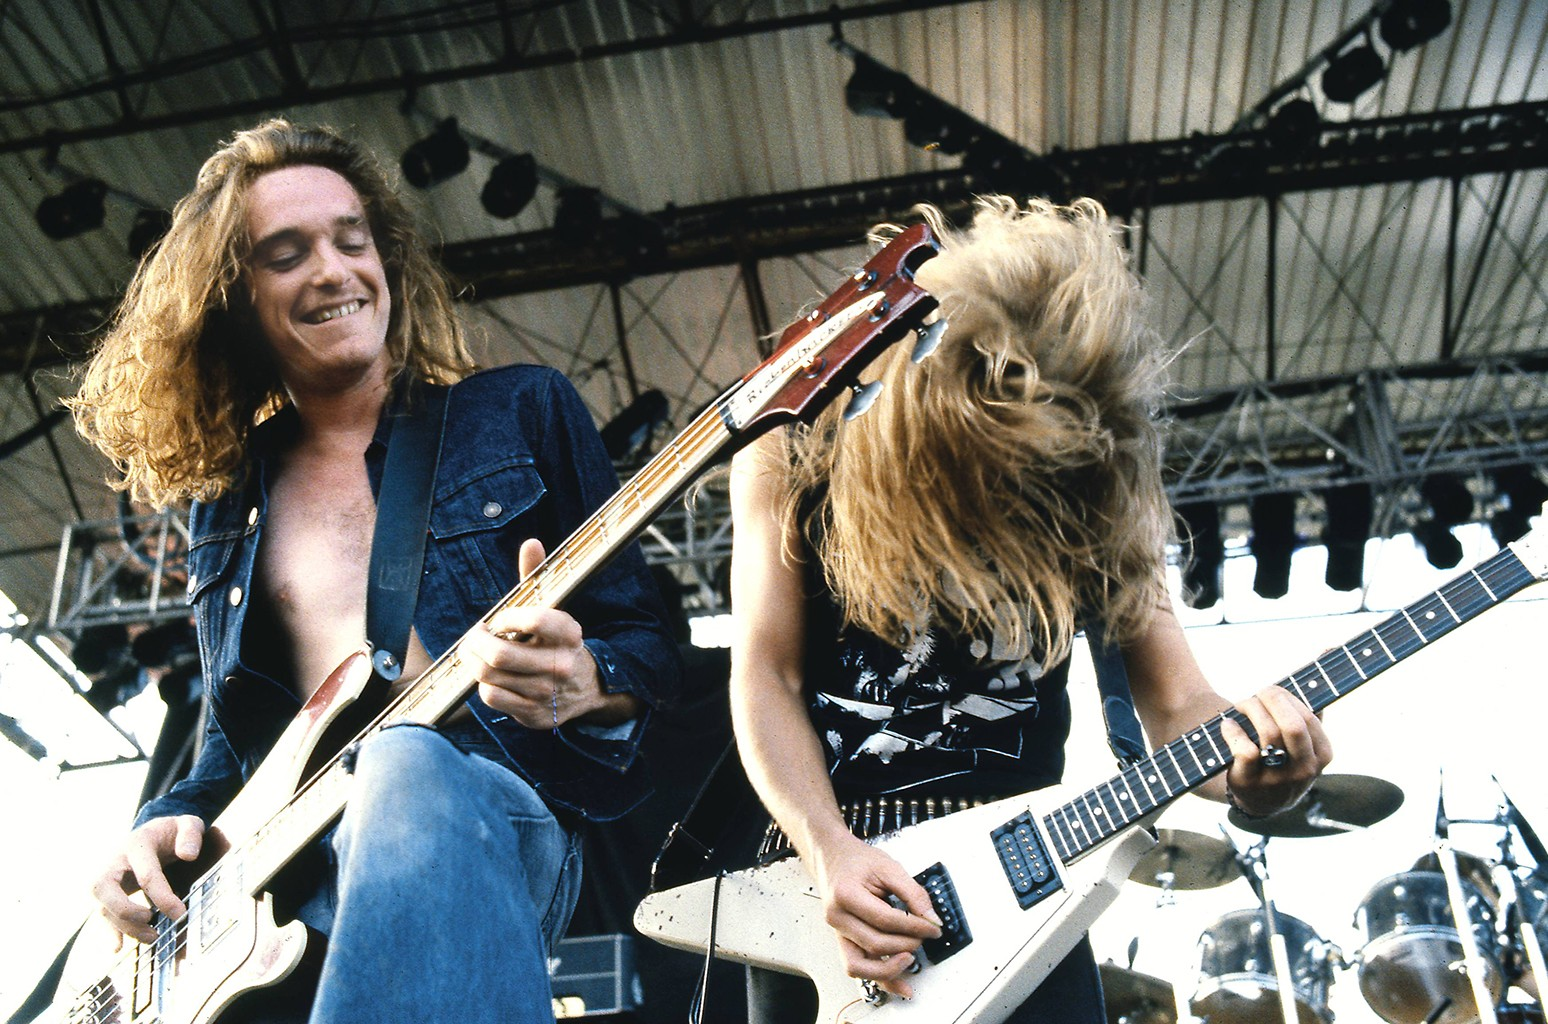 Cliff Burton and James Hetfield of Metallica